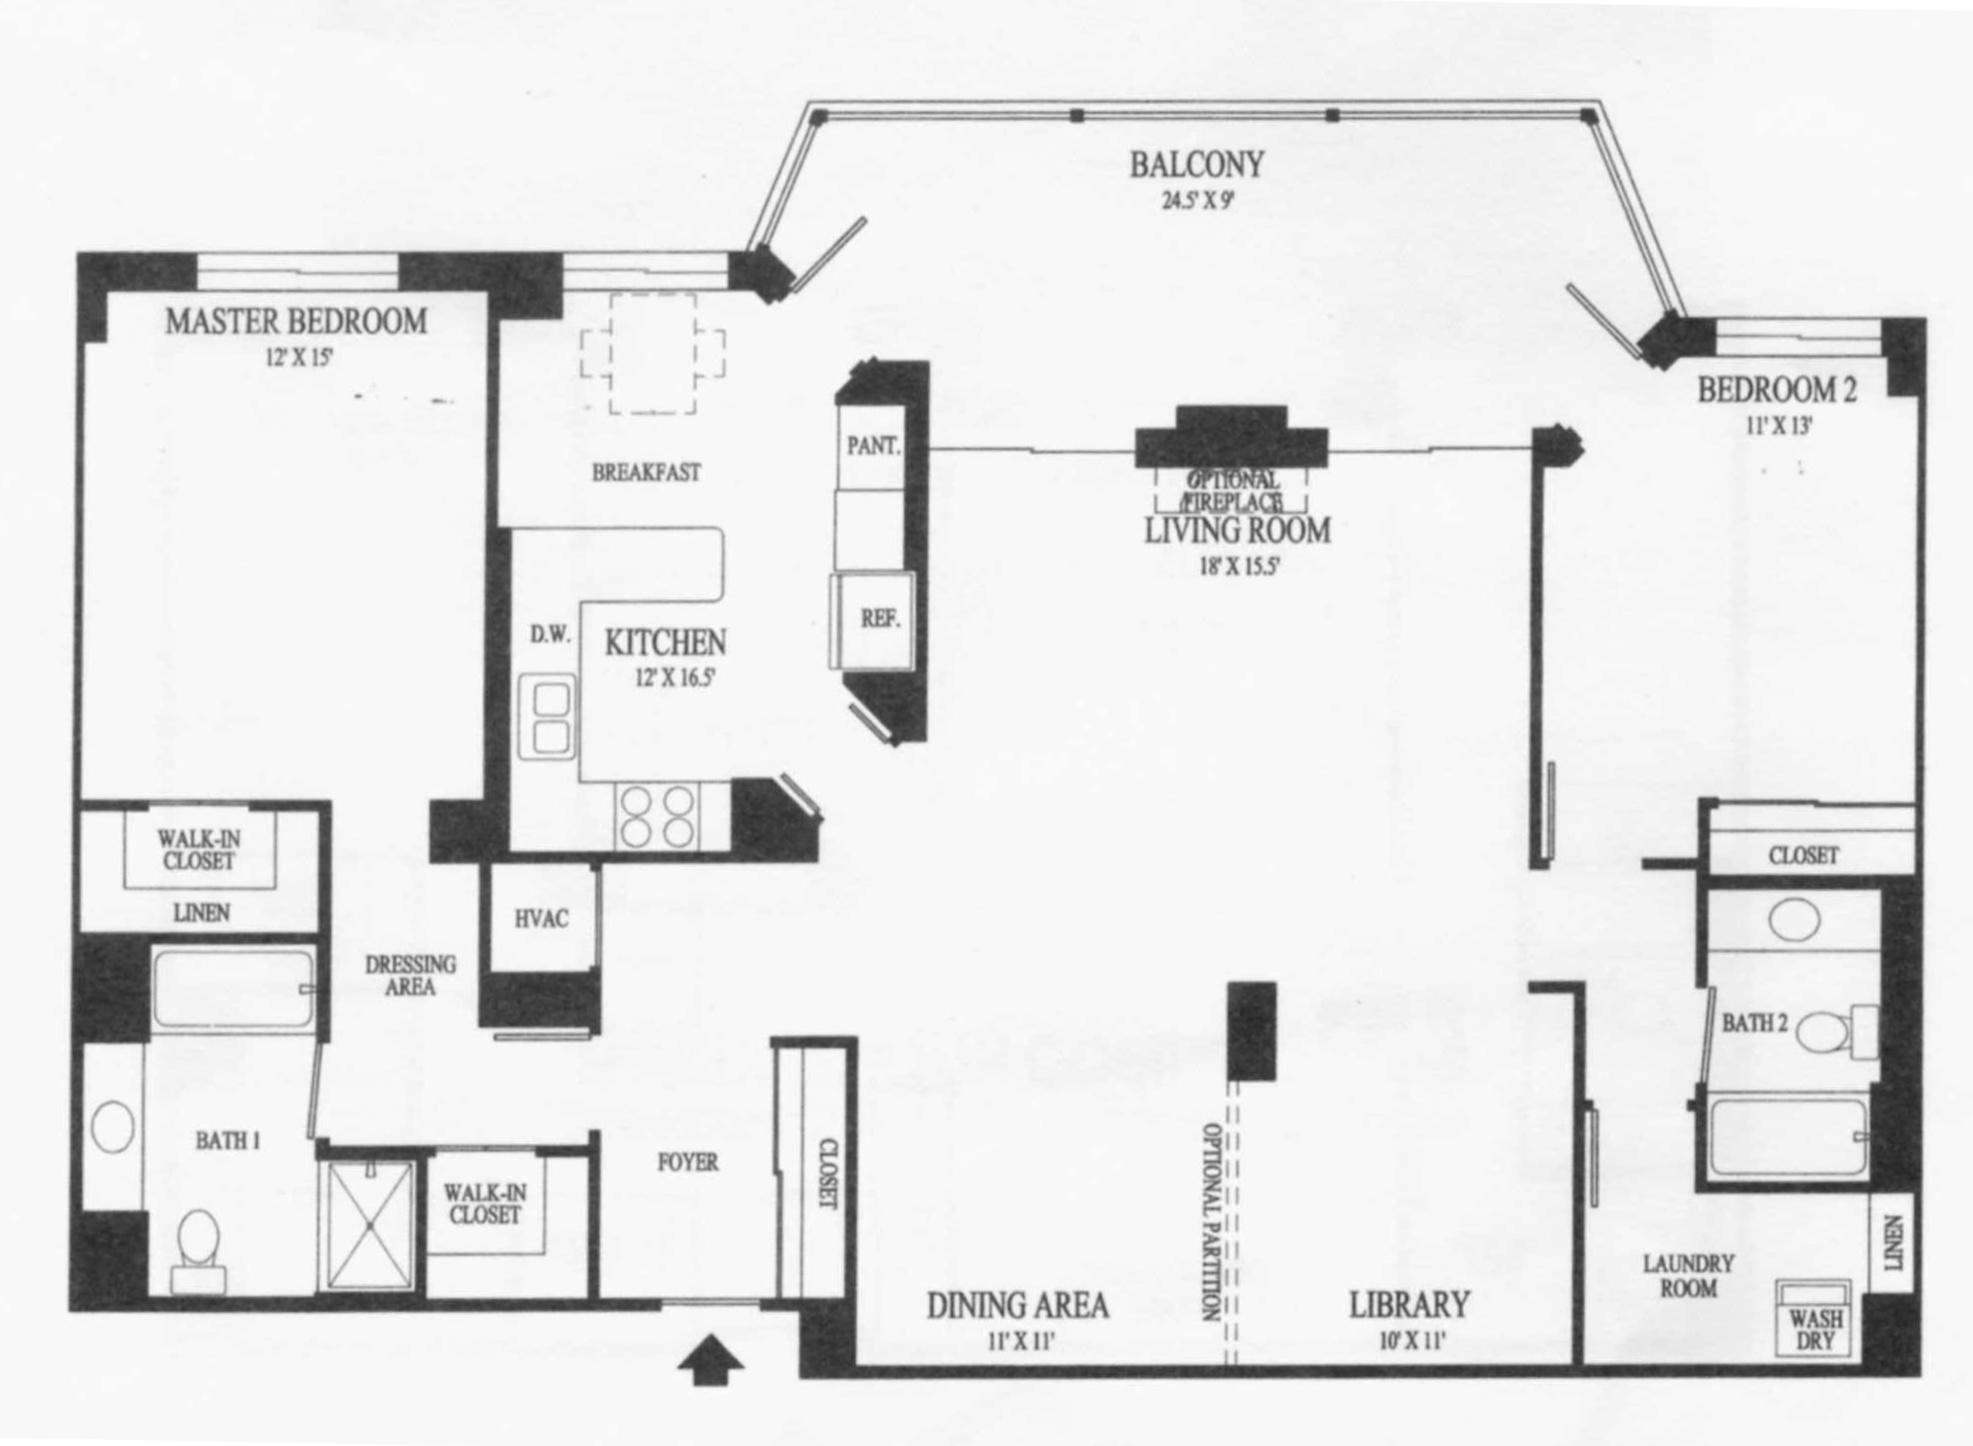 19355 Cypress Ridge Ter #917, Lansdowne Woods- Floor Plan